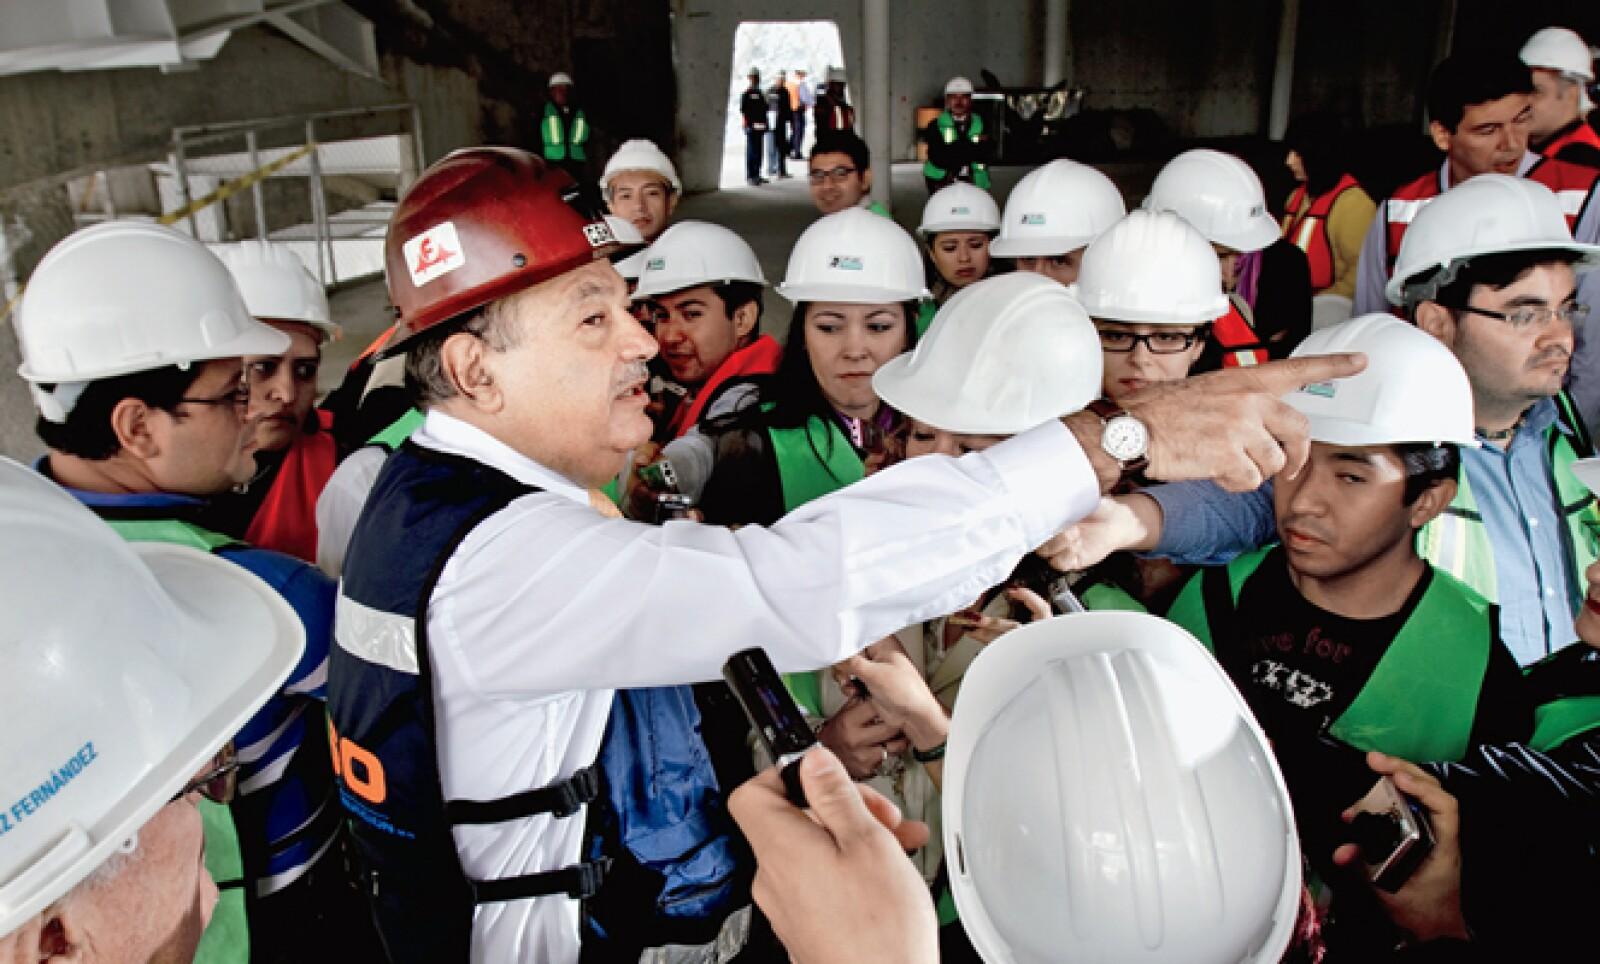 Carlos Slim espera Plaza Carso detone la urbanización de la zona que algunos llaman 'la nueva Polanco'. Junto con el Gobierno del DF planean construir parques lineales y un vehículo colectivo.